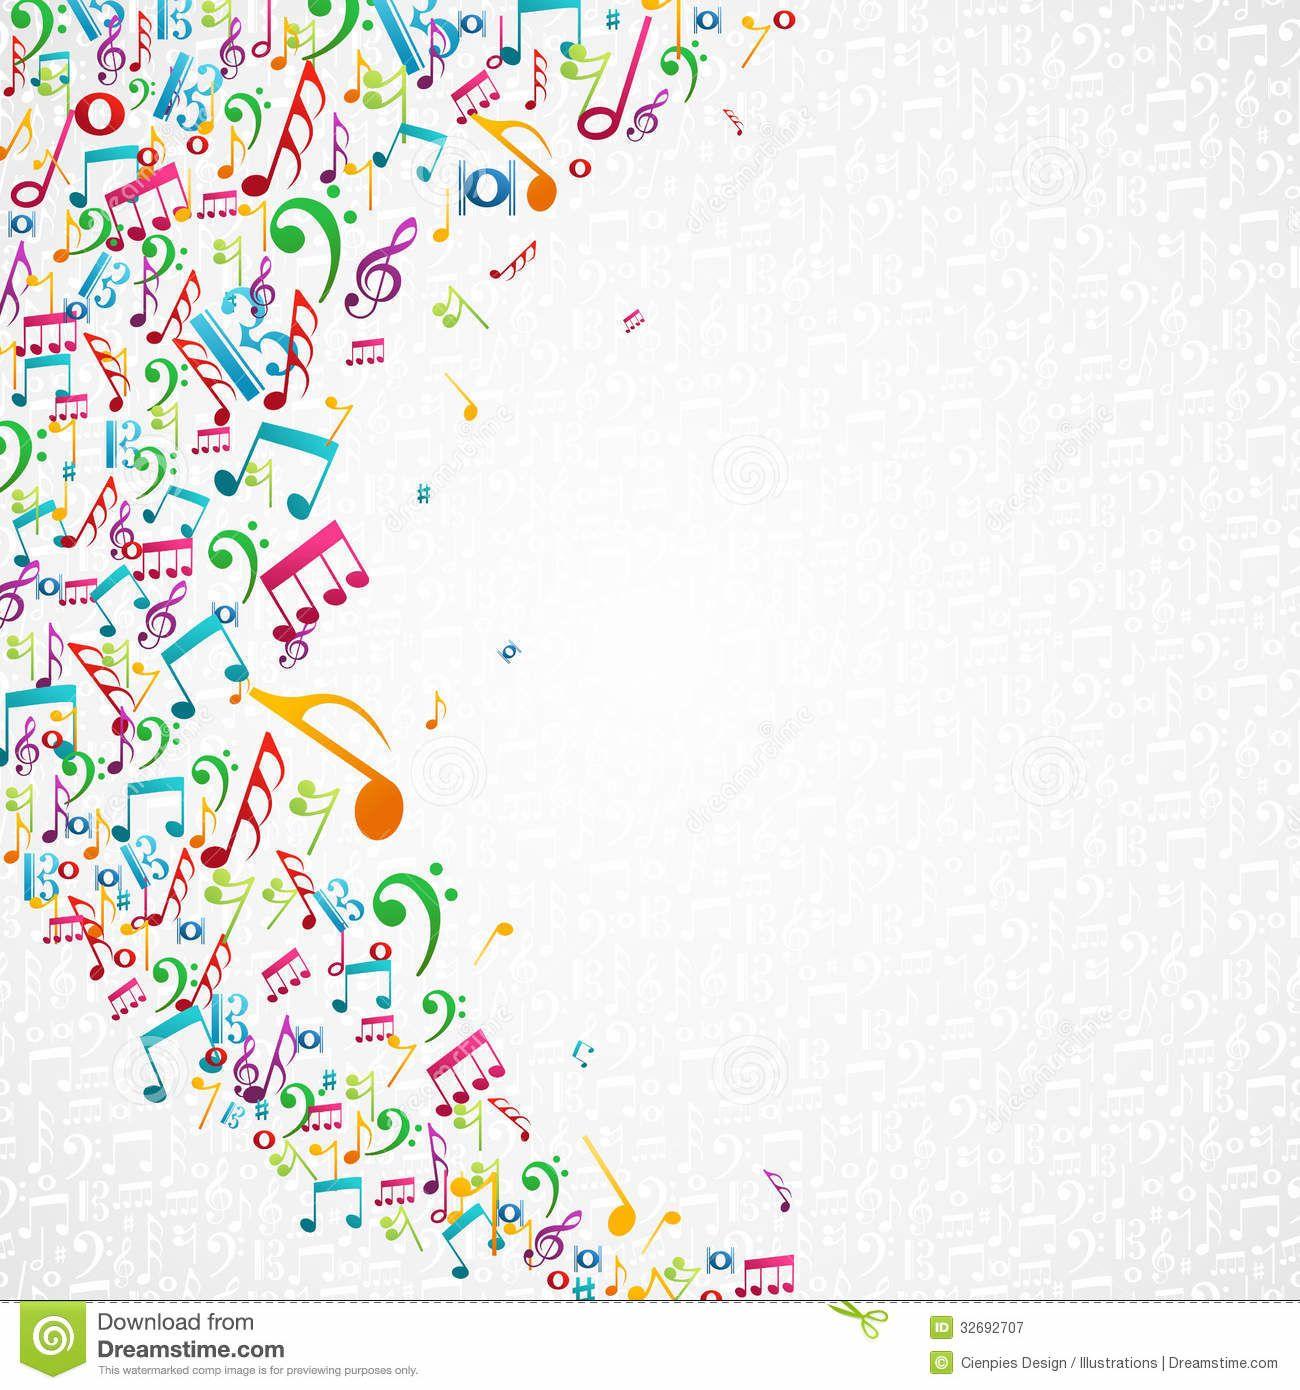 Musica おしゃれまとめの人気アイデア Pinterest Kelsey Kessler 吹奏楽 イラスト 壁紙アート イラスト